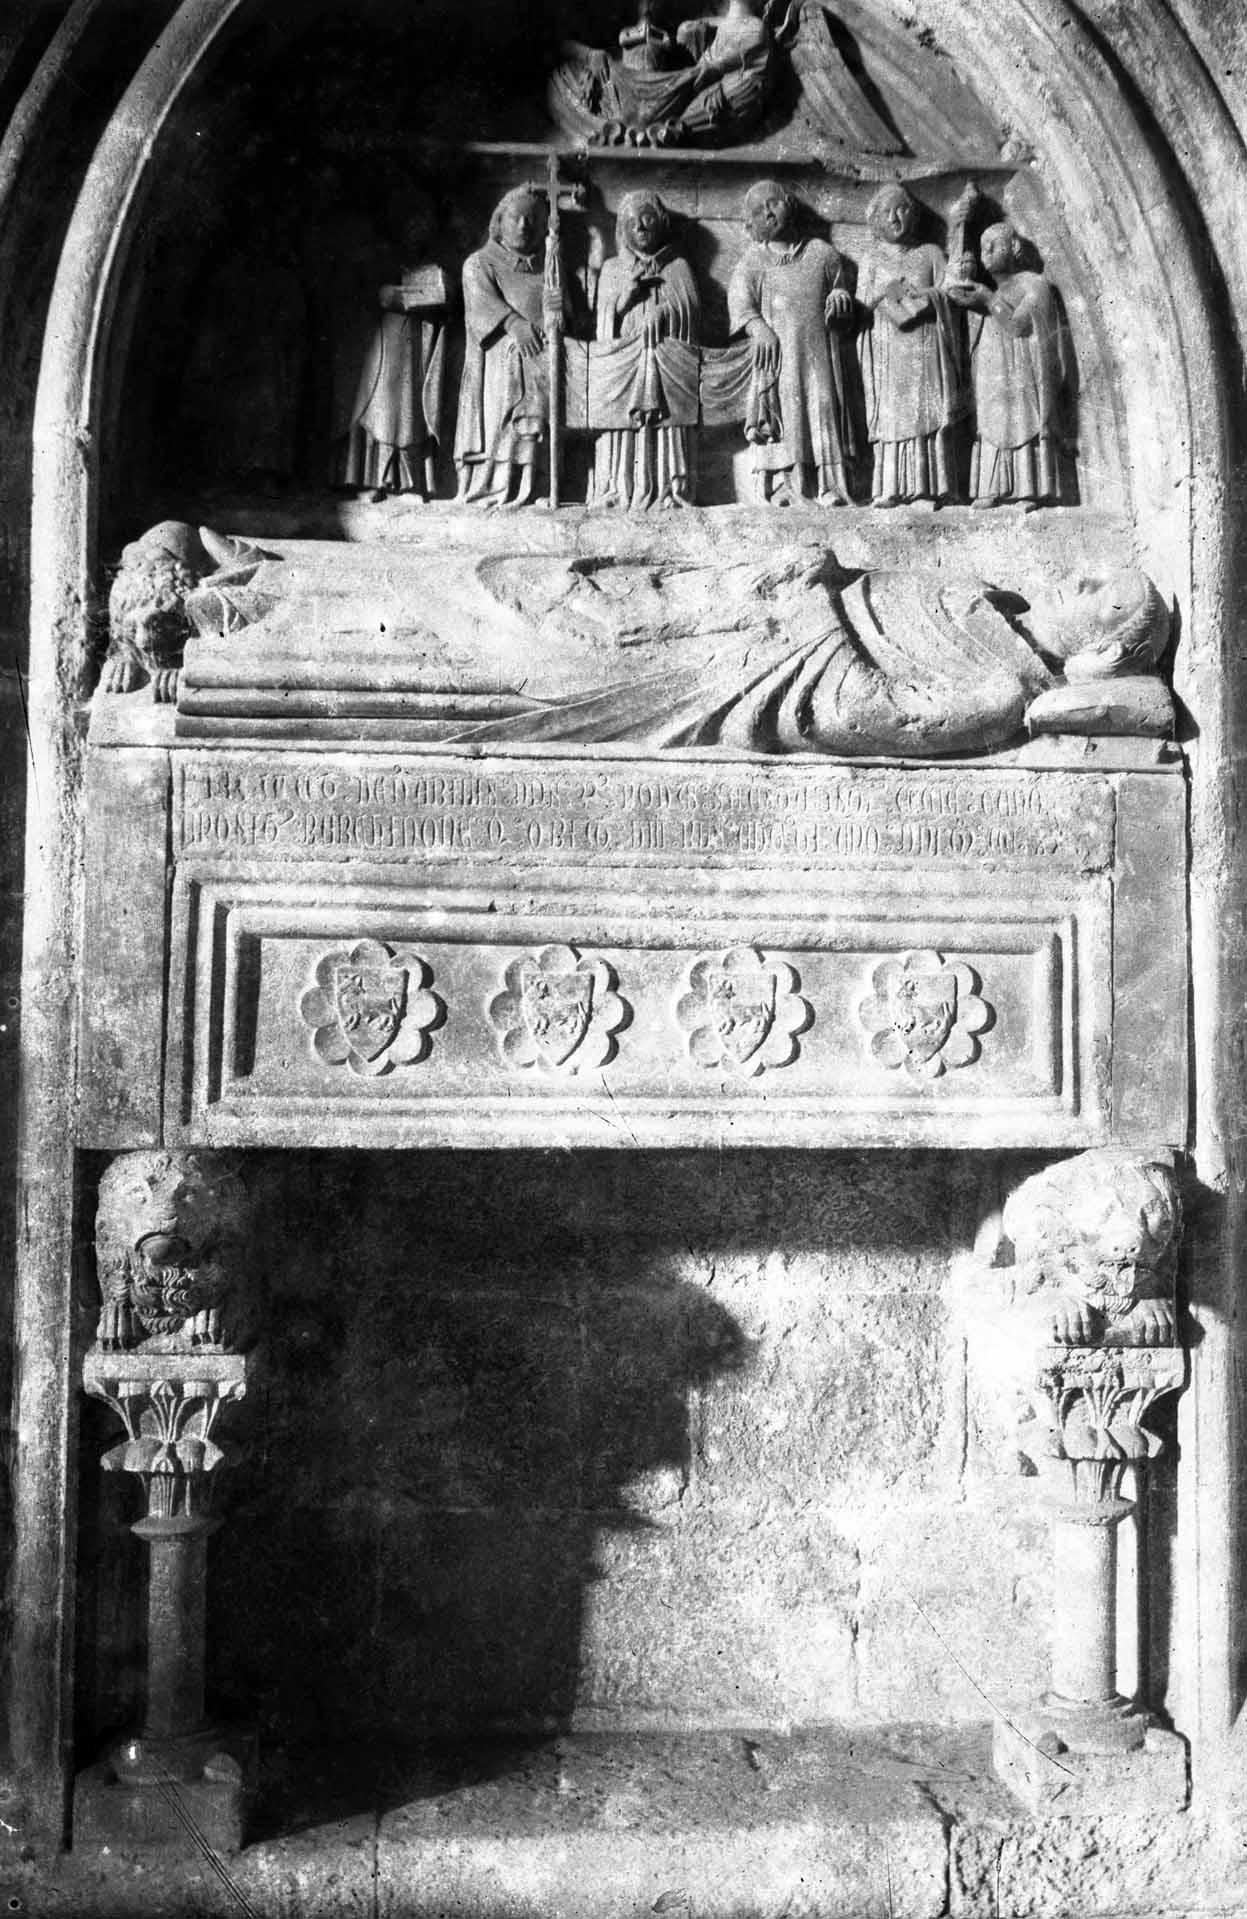 Vista frontal d'un sepulcre a la basílica de Santa Maria, a Castelló d'Empúries, entre els anys 1942 i 1944 (ACGAX. Fons Sadurní Brunet Pi. Autor Sadurní Brunet)